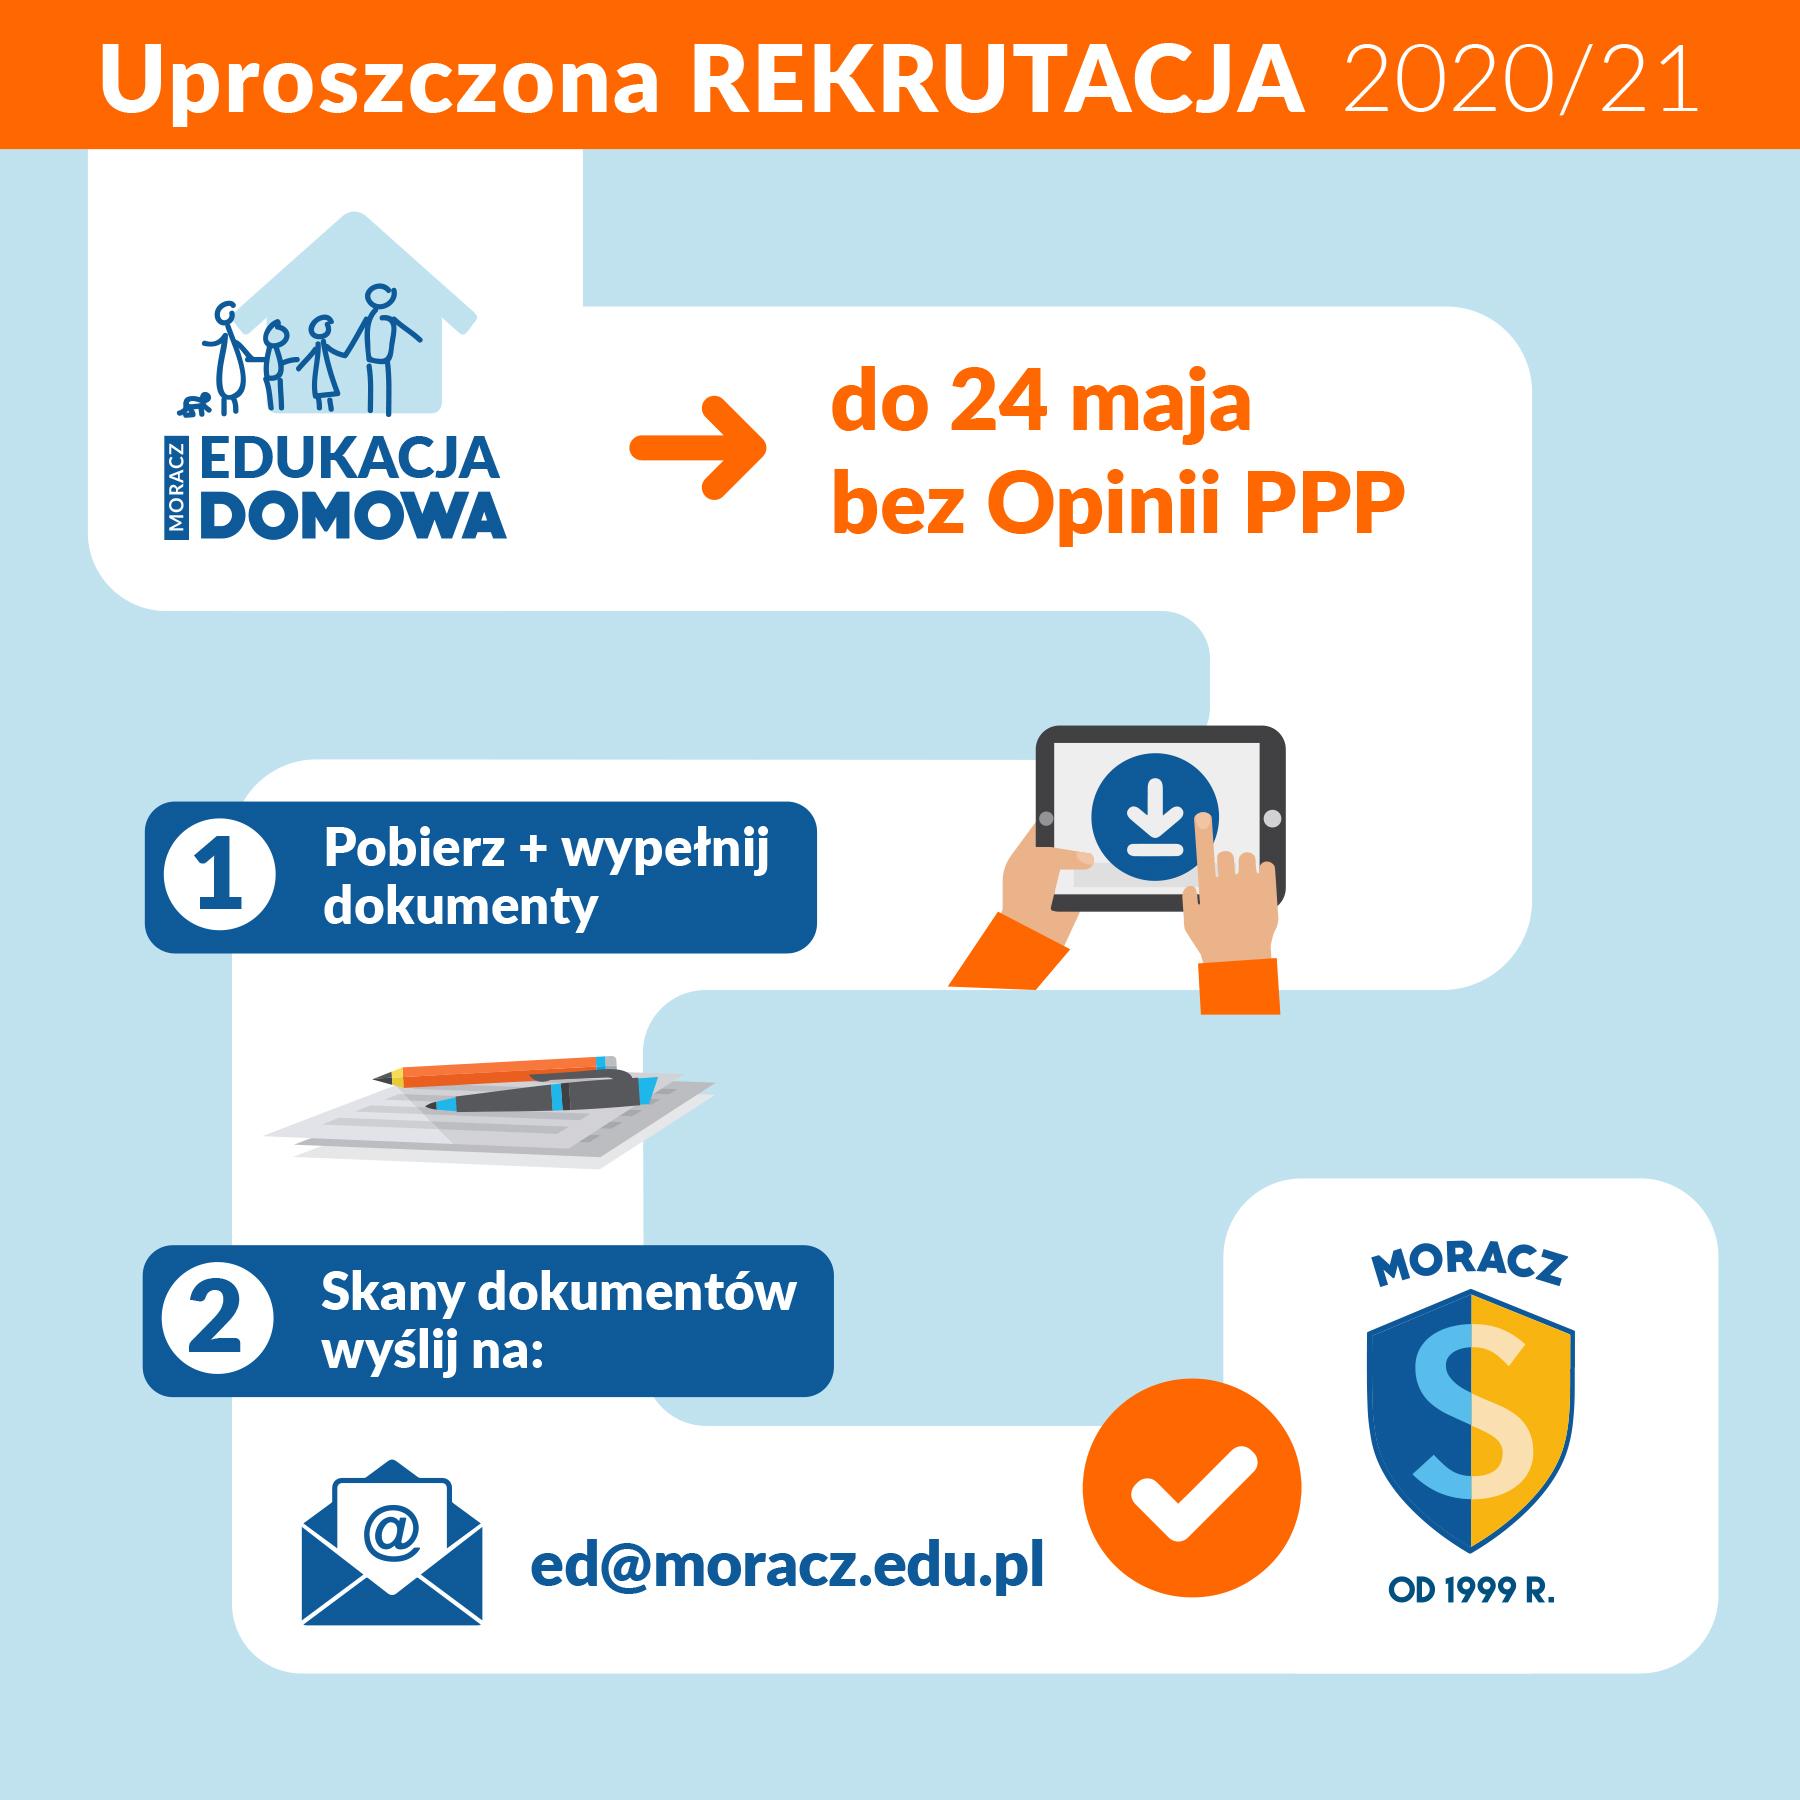 Uproszczona REKRUTACJA 2020/21 do 24 maja!